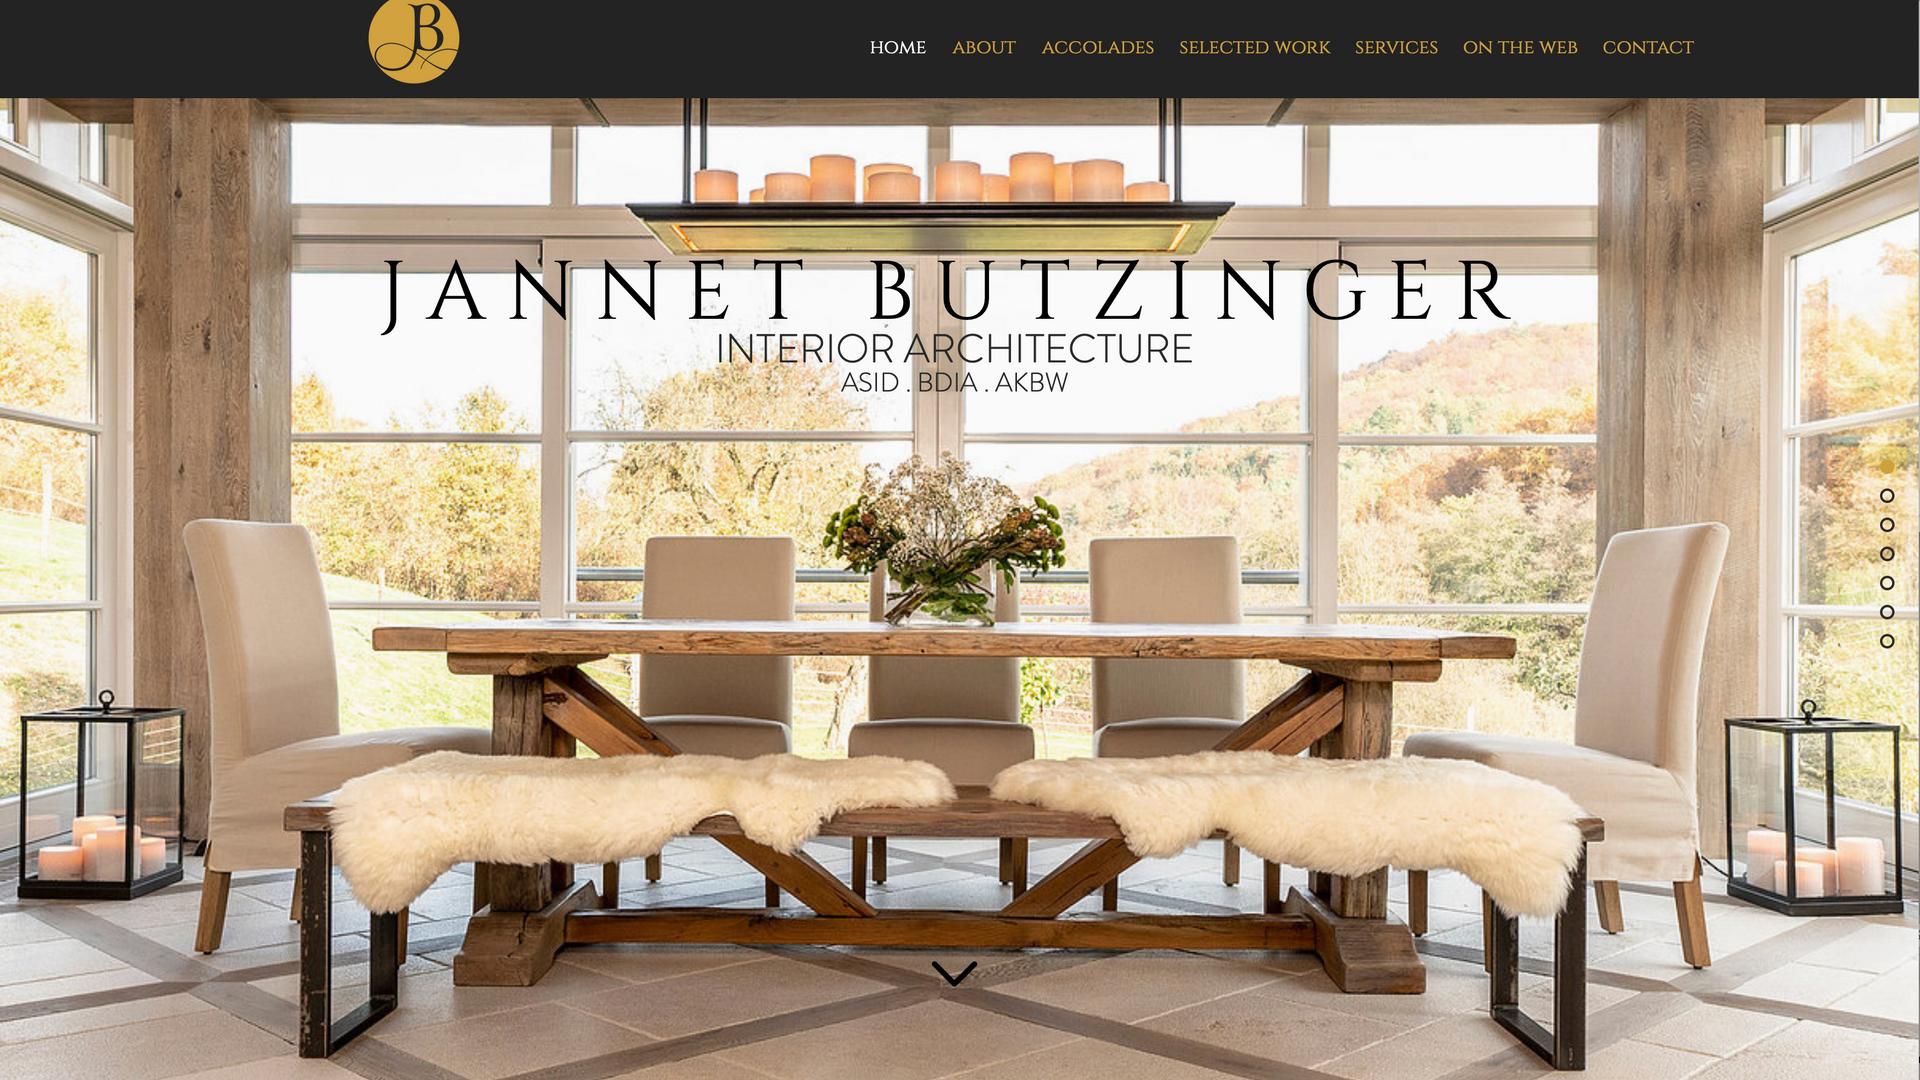 Butzinger Interior Architecture